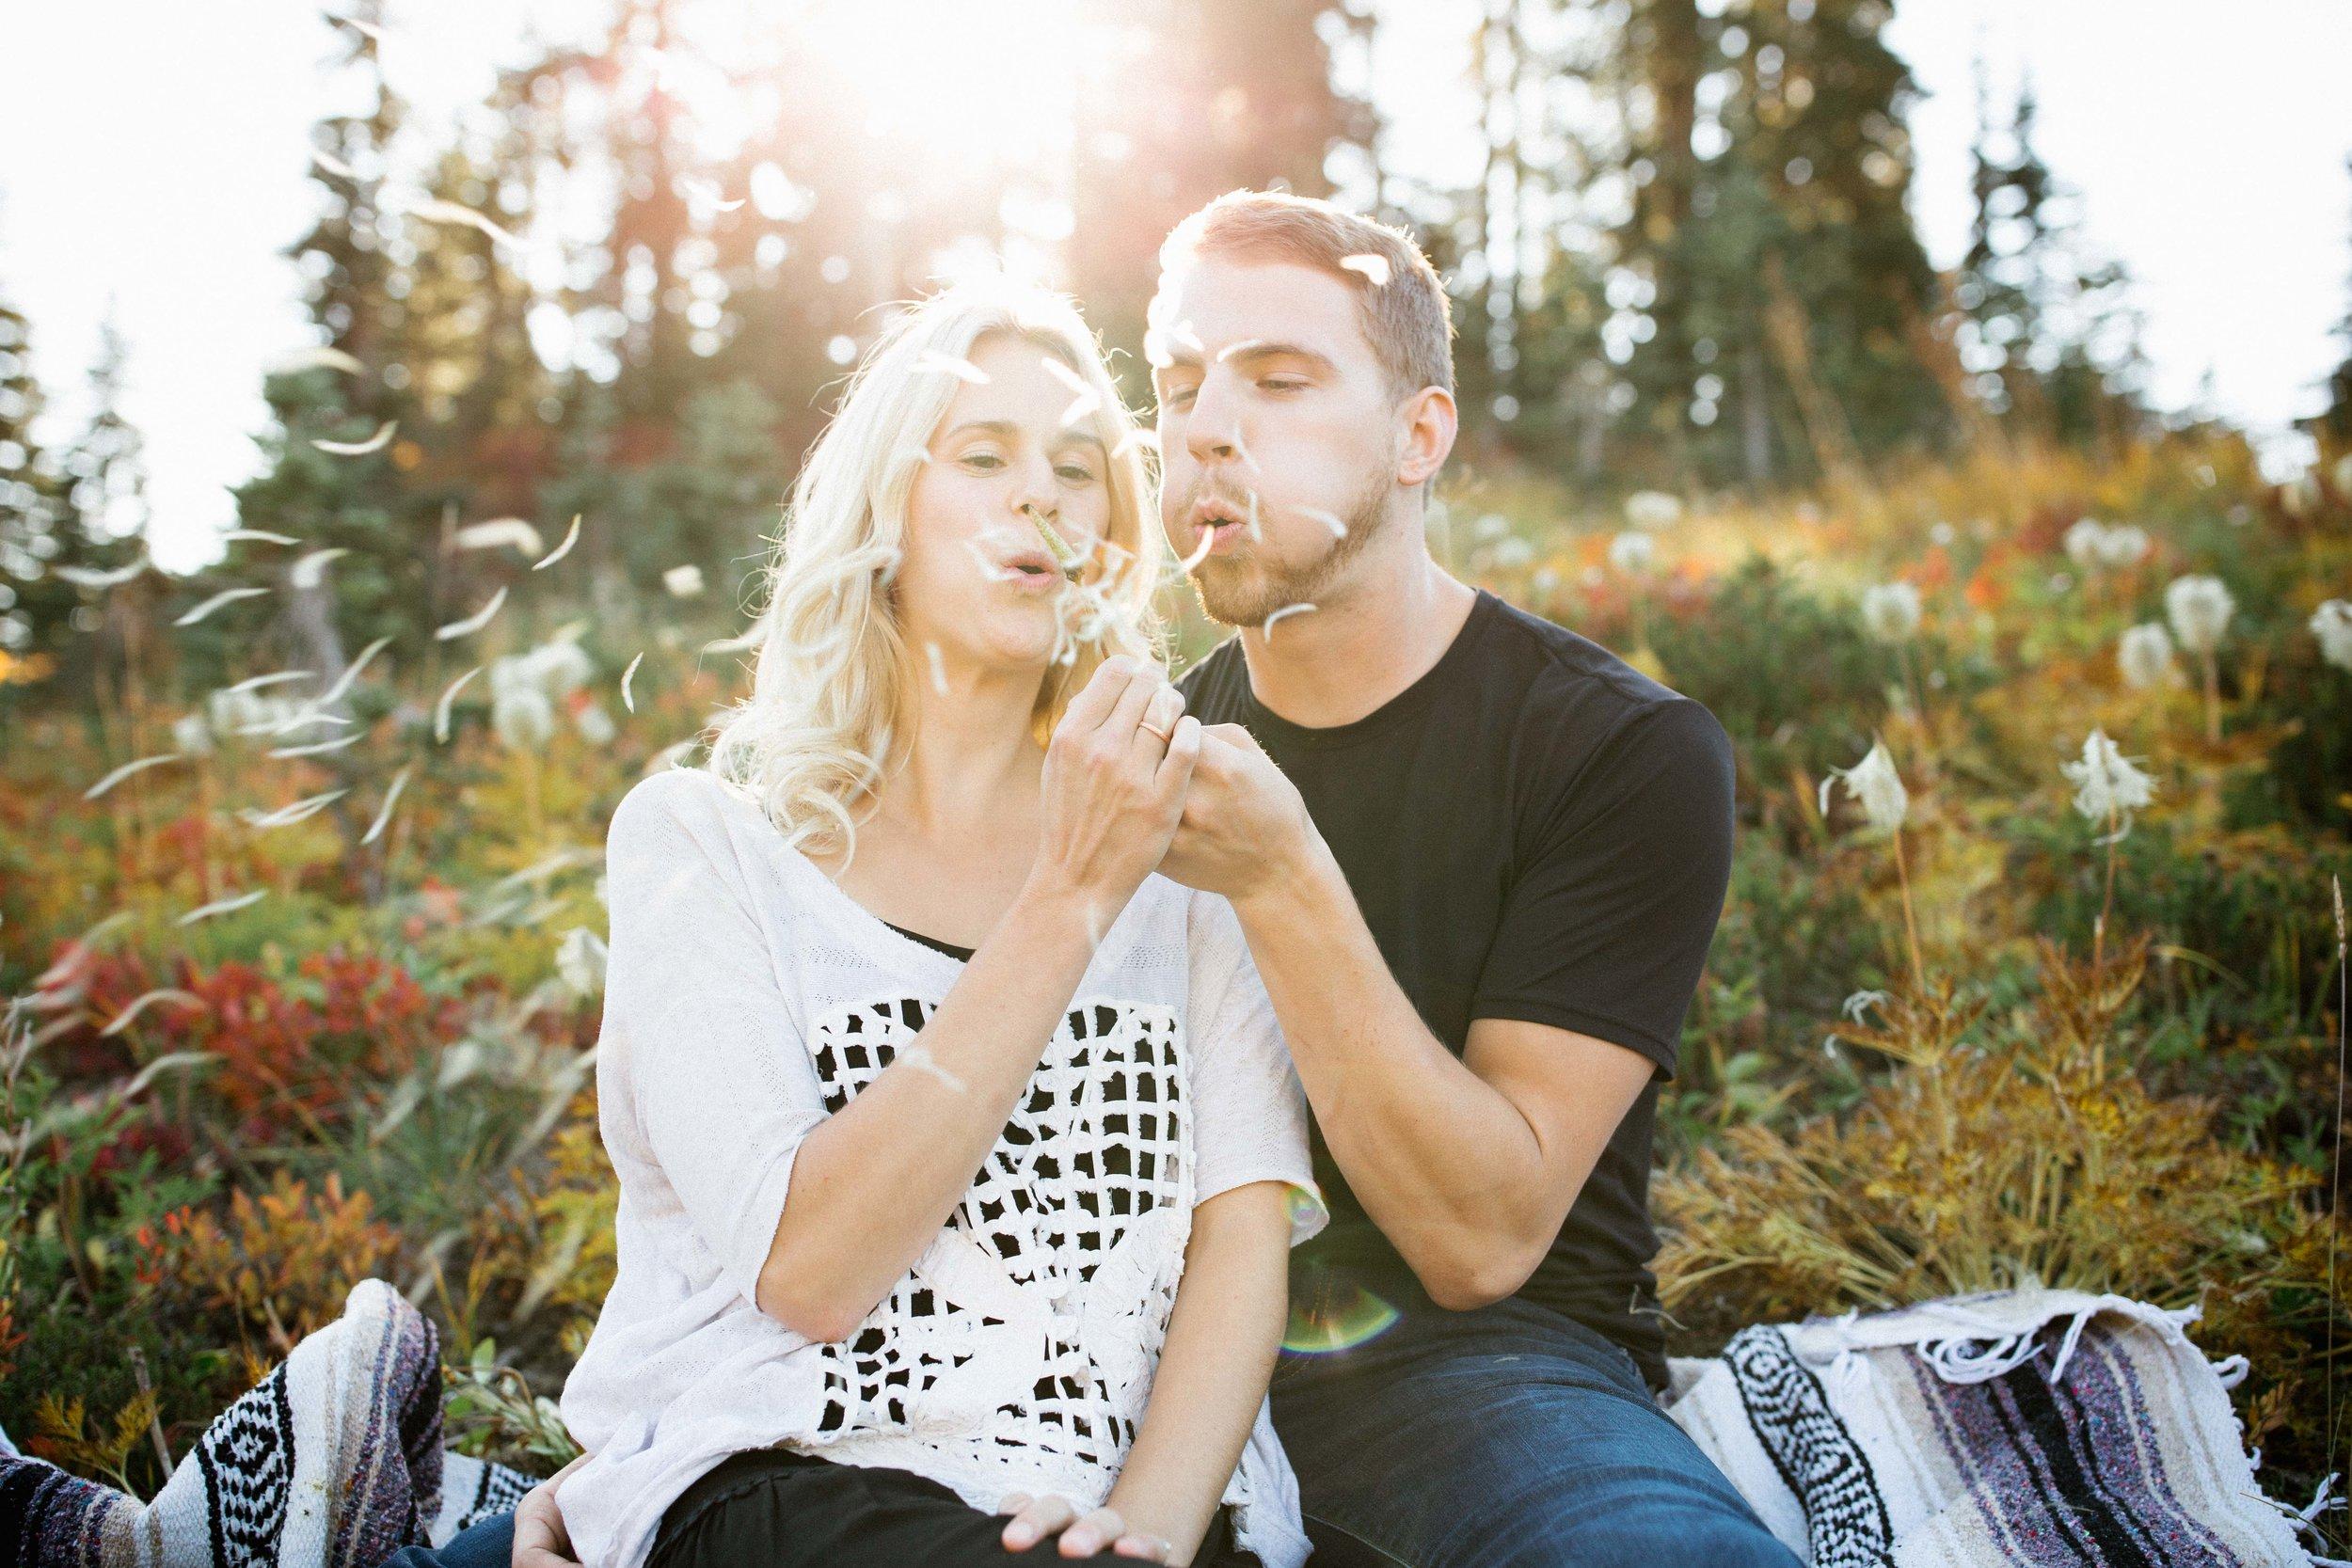 Alexis&Kyle-Engaged!BLOG-54.jpg